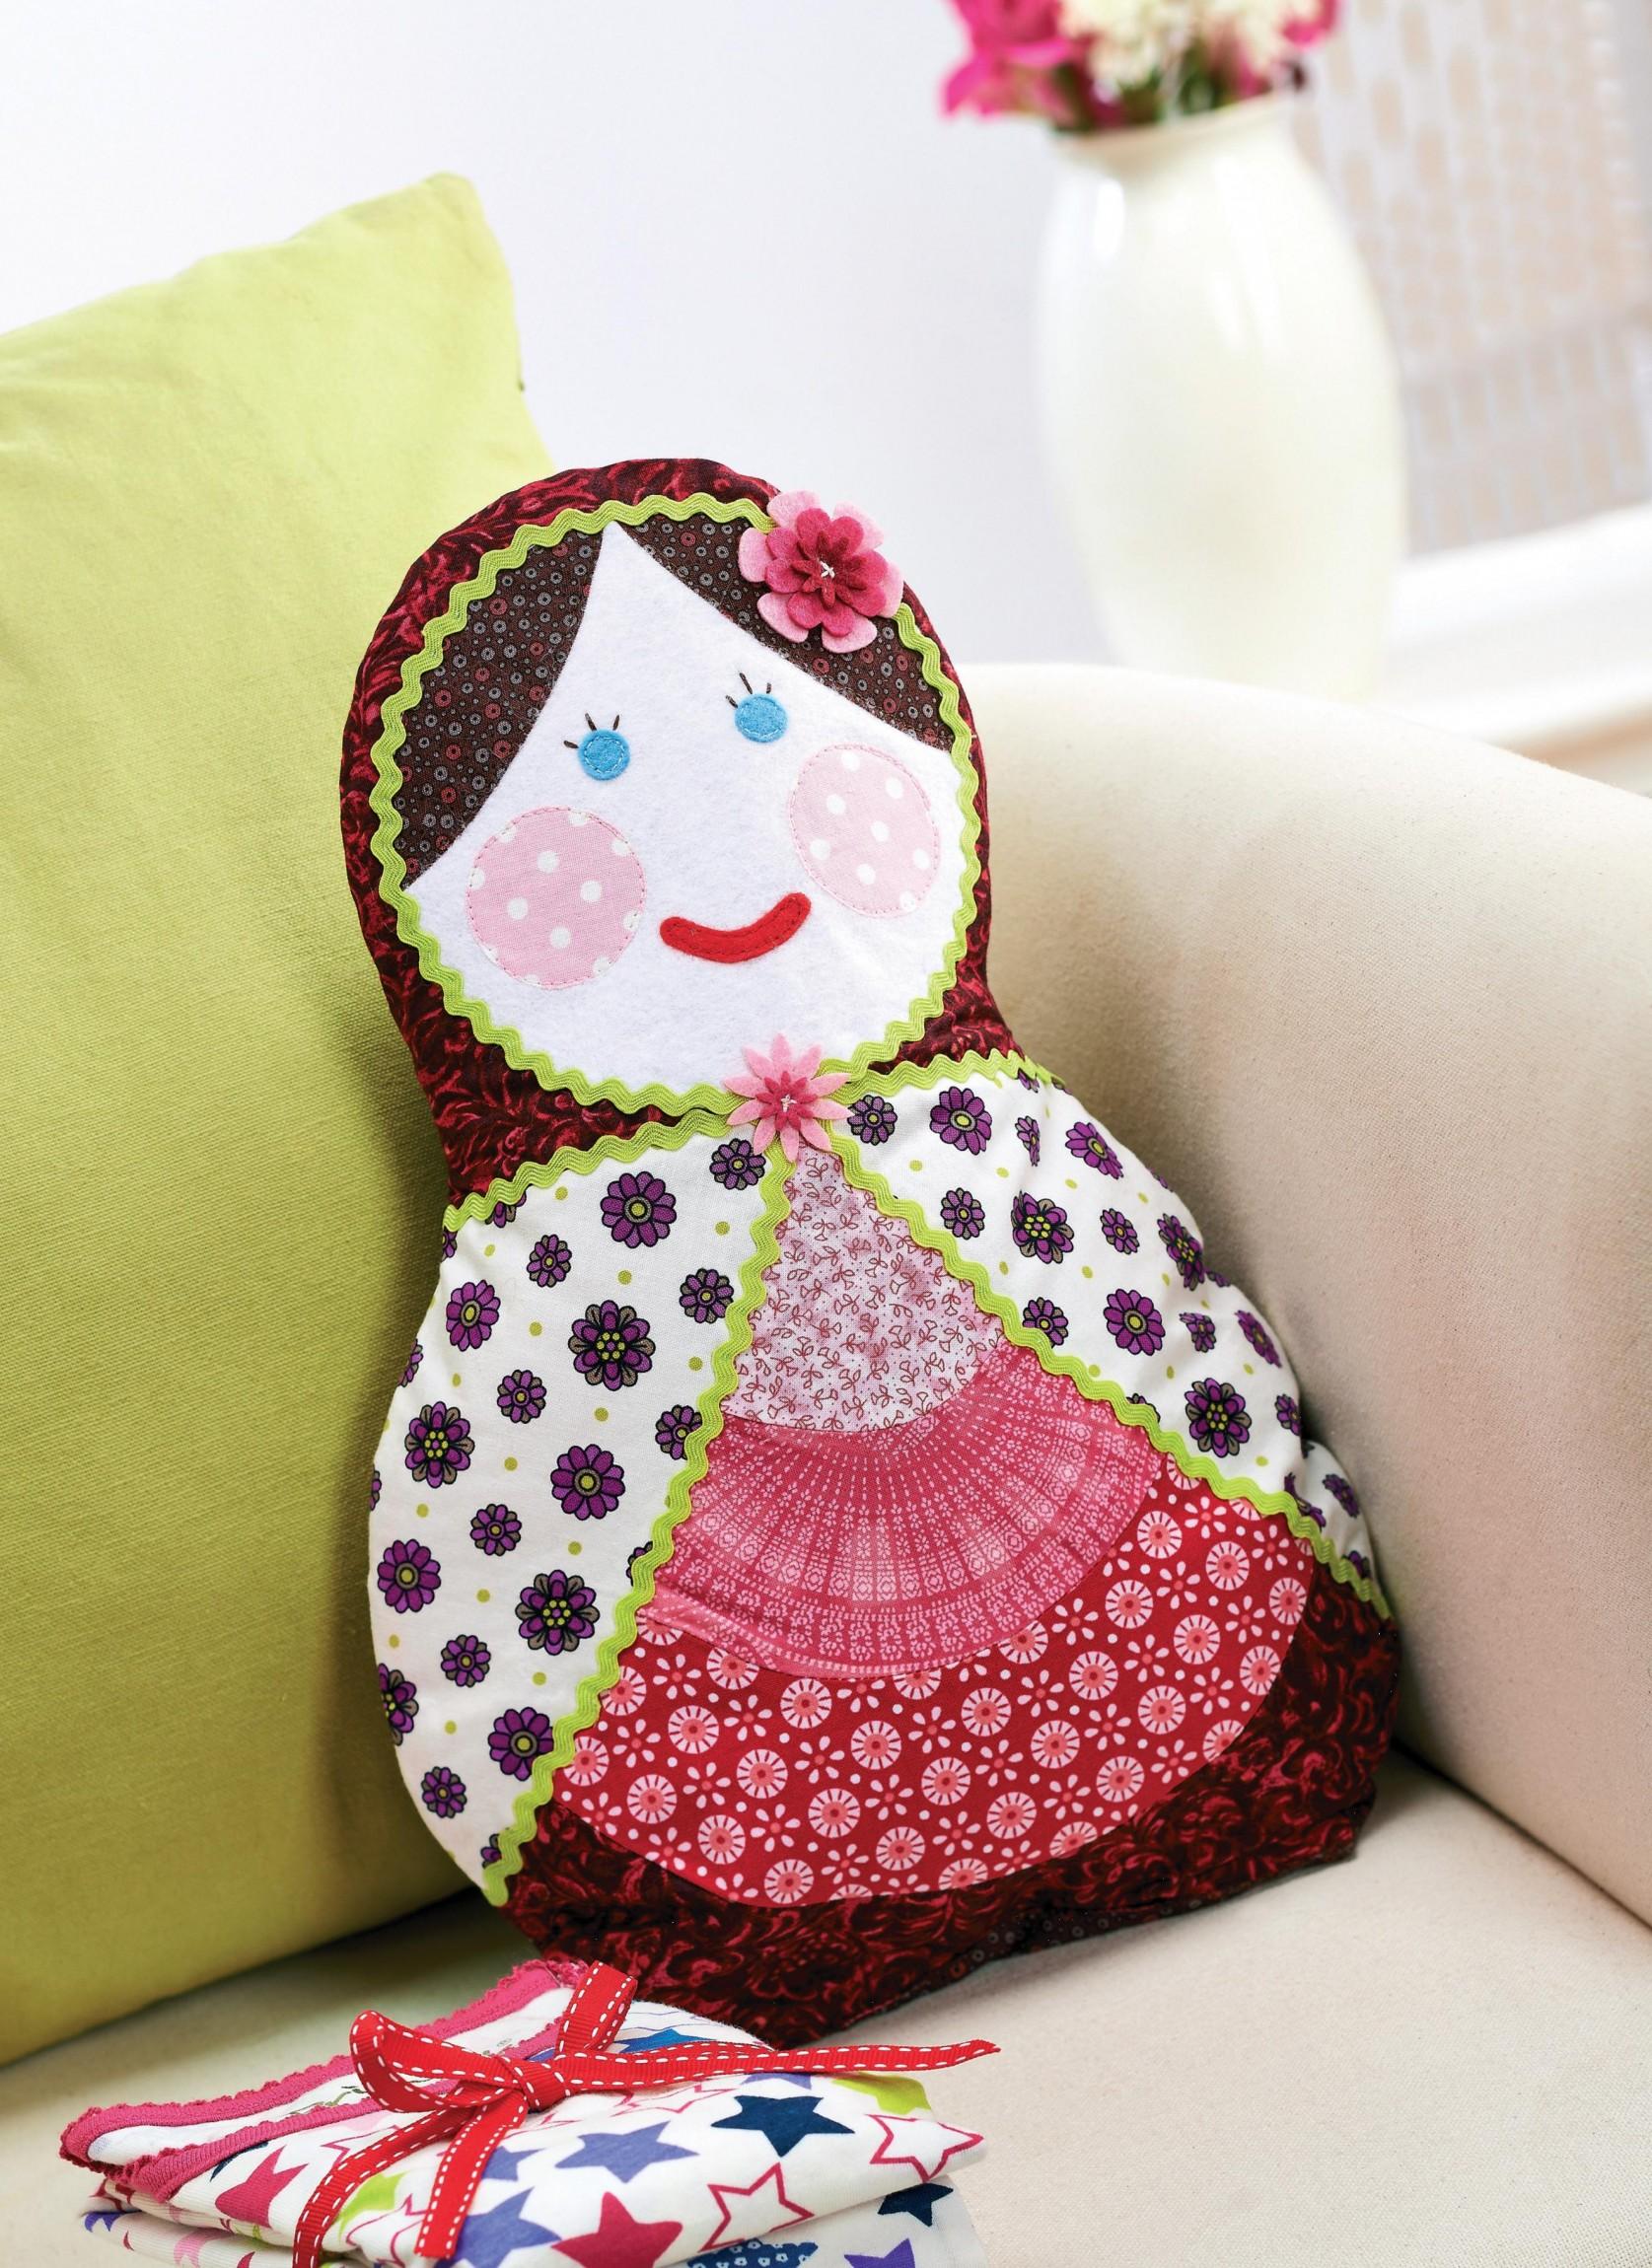 Matryoshka Russian Doll Pyjama Case Free Sewing Patterns